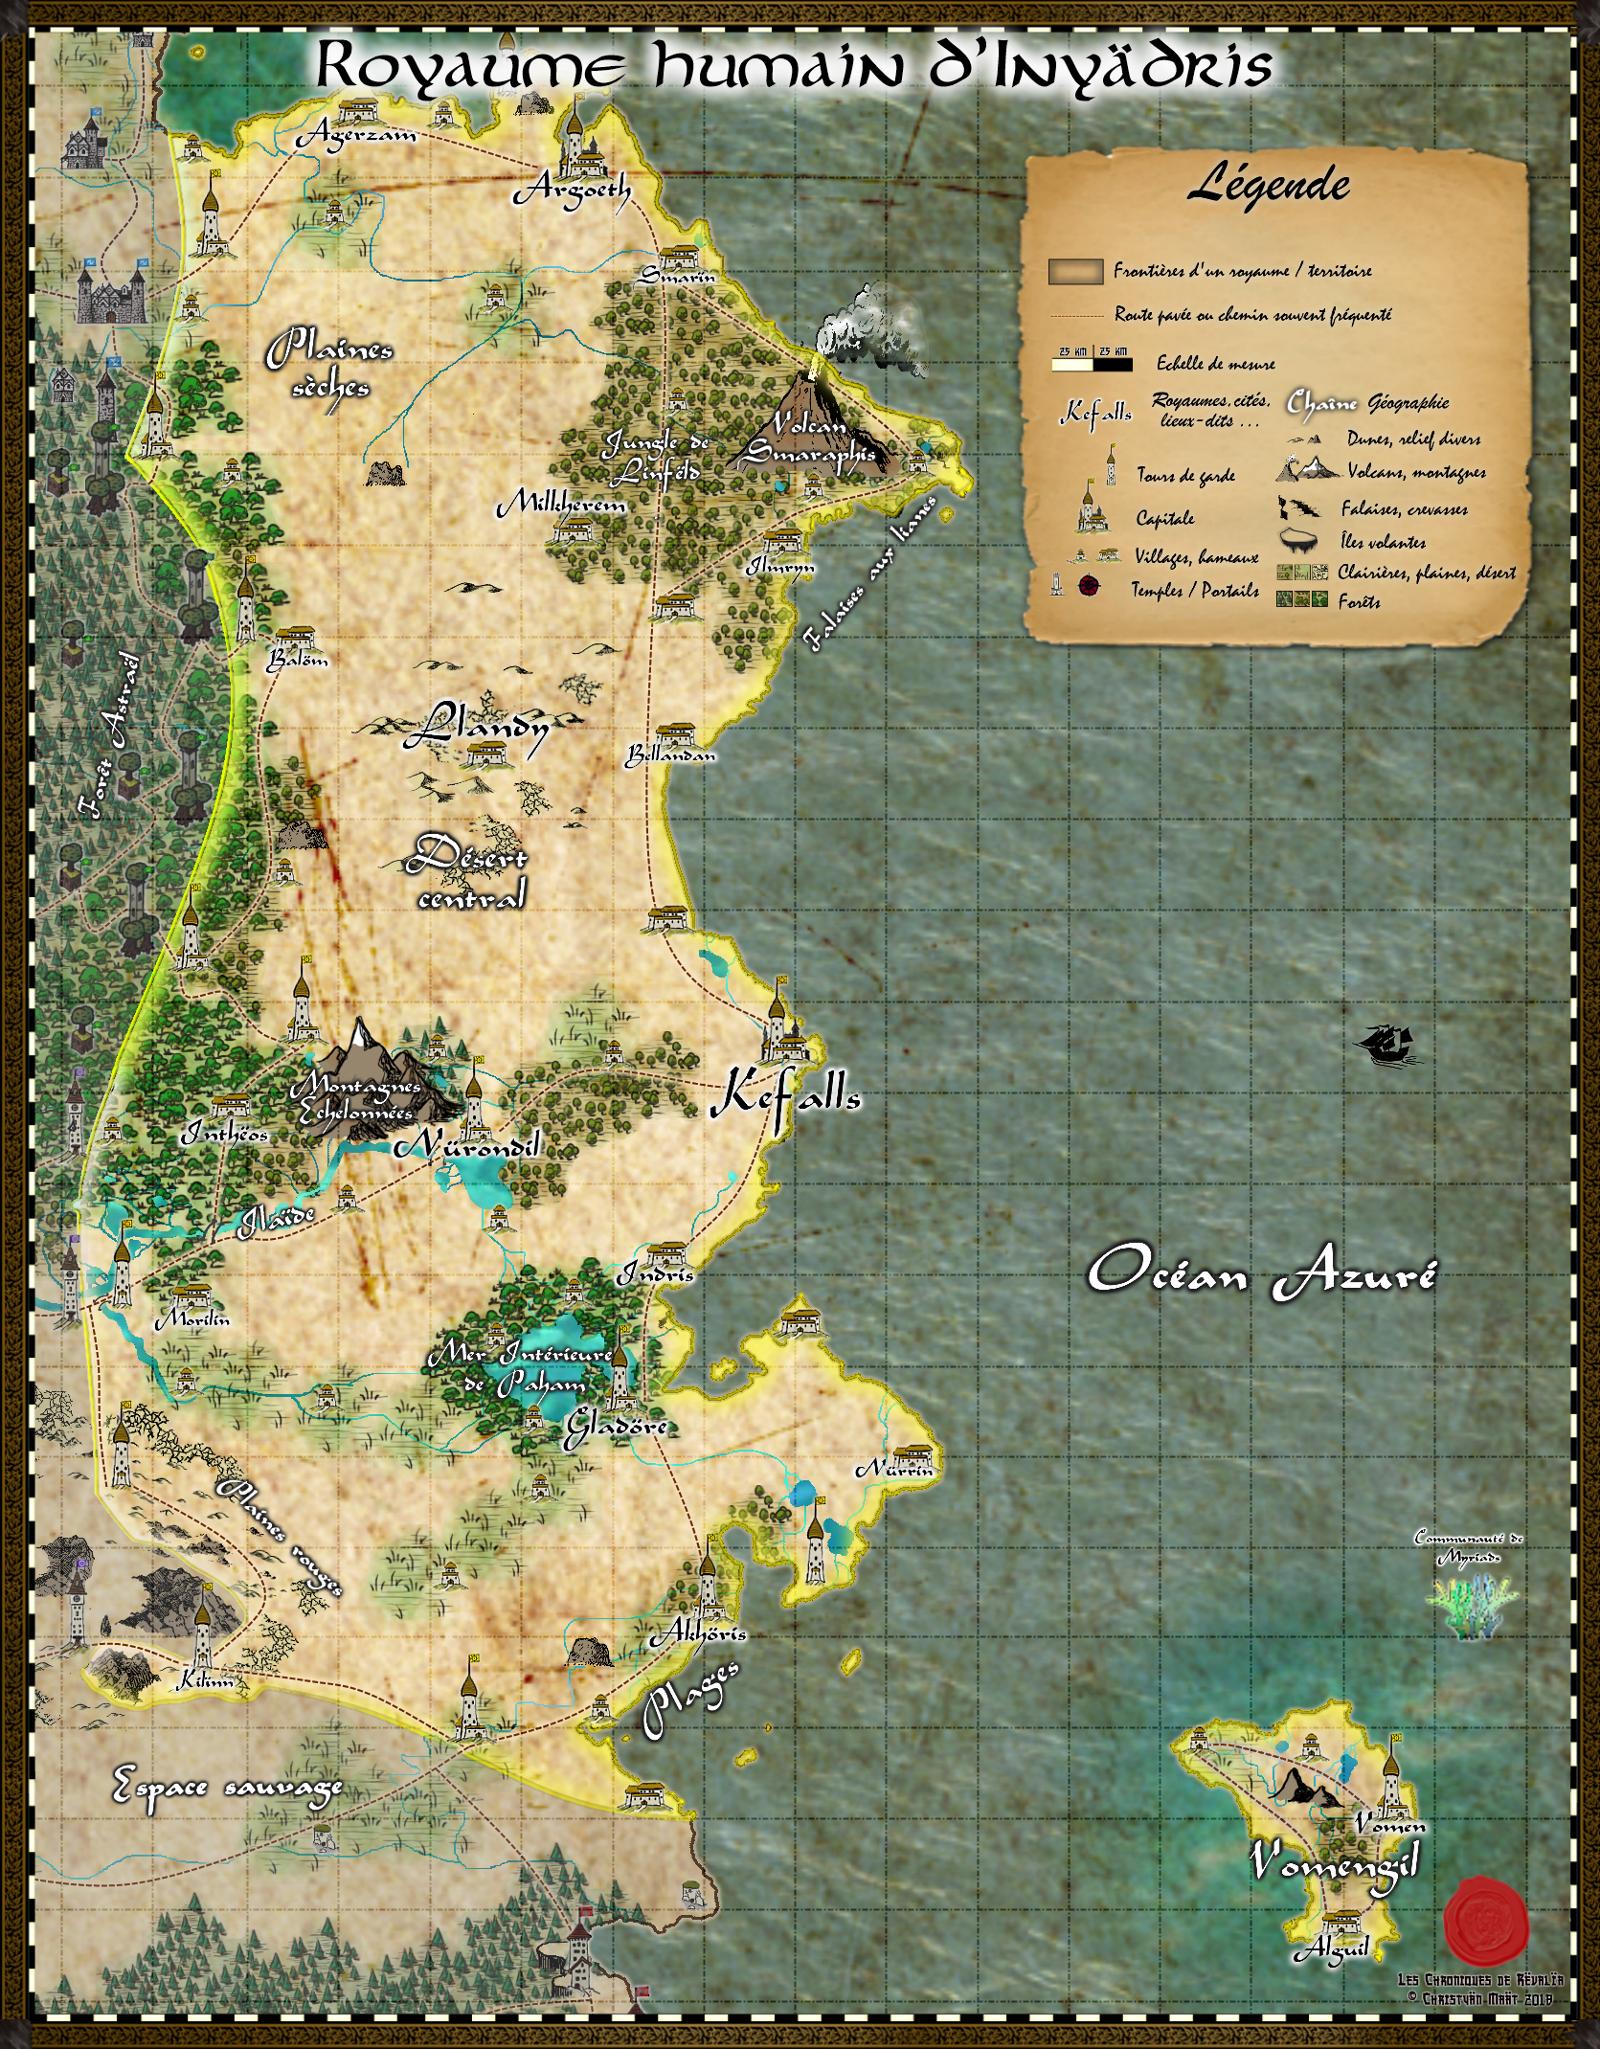 Carte du royaume d'Inyädris 18091301001323817215890054